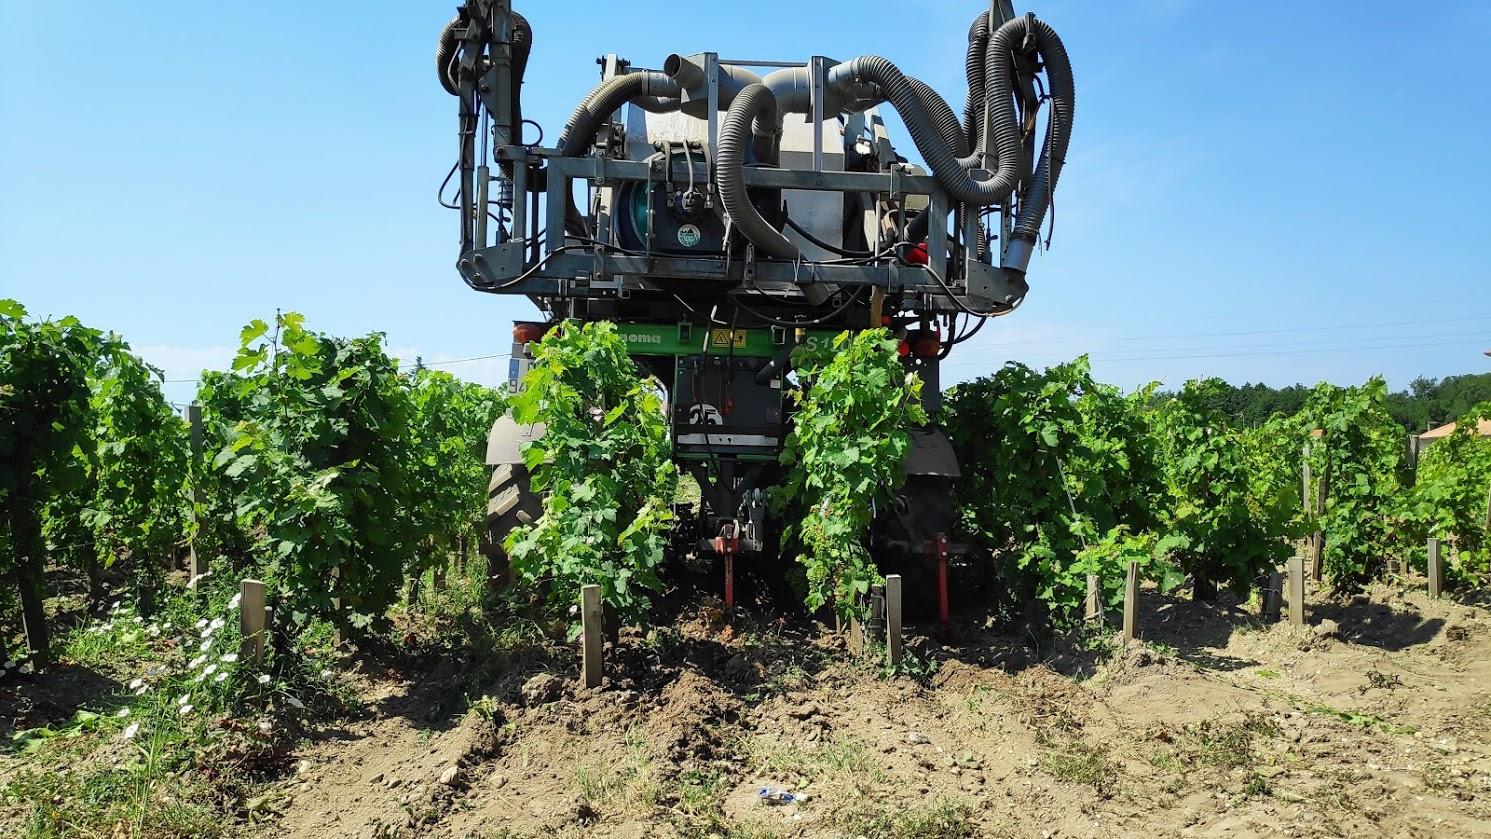 De lekkerste wijnen komen uit de Languedoc